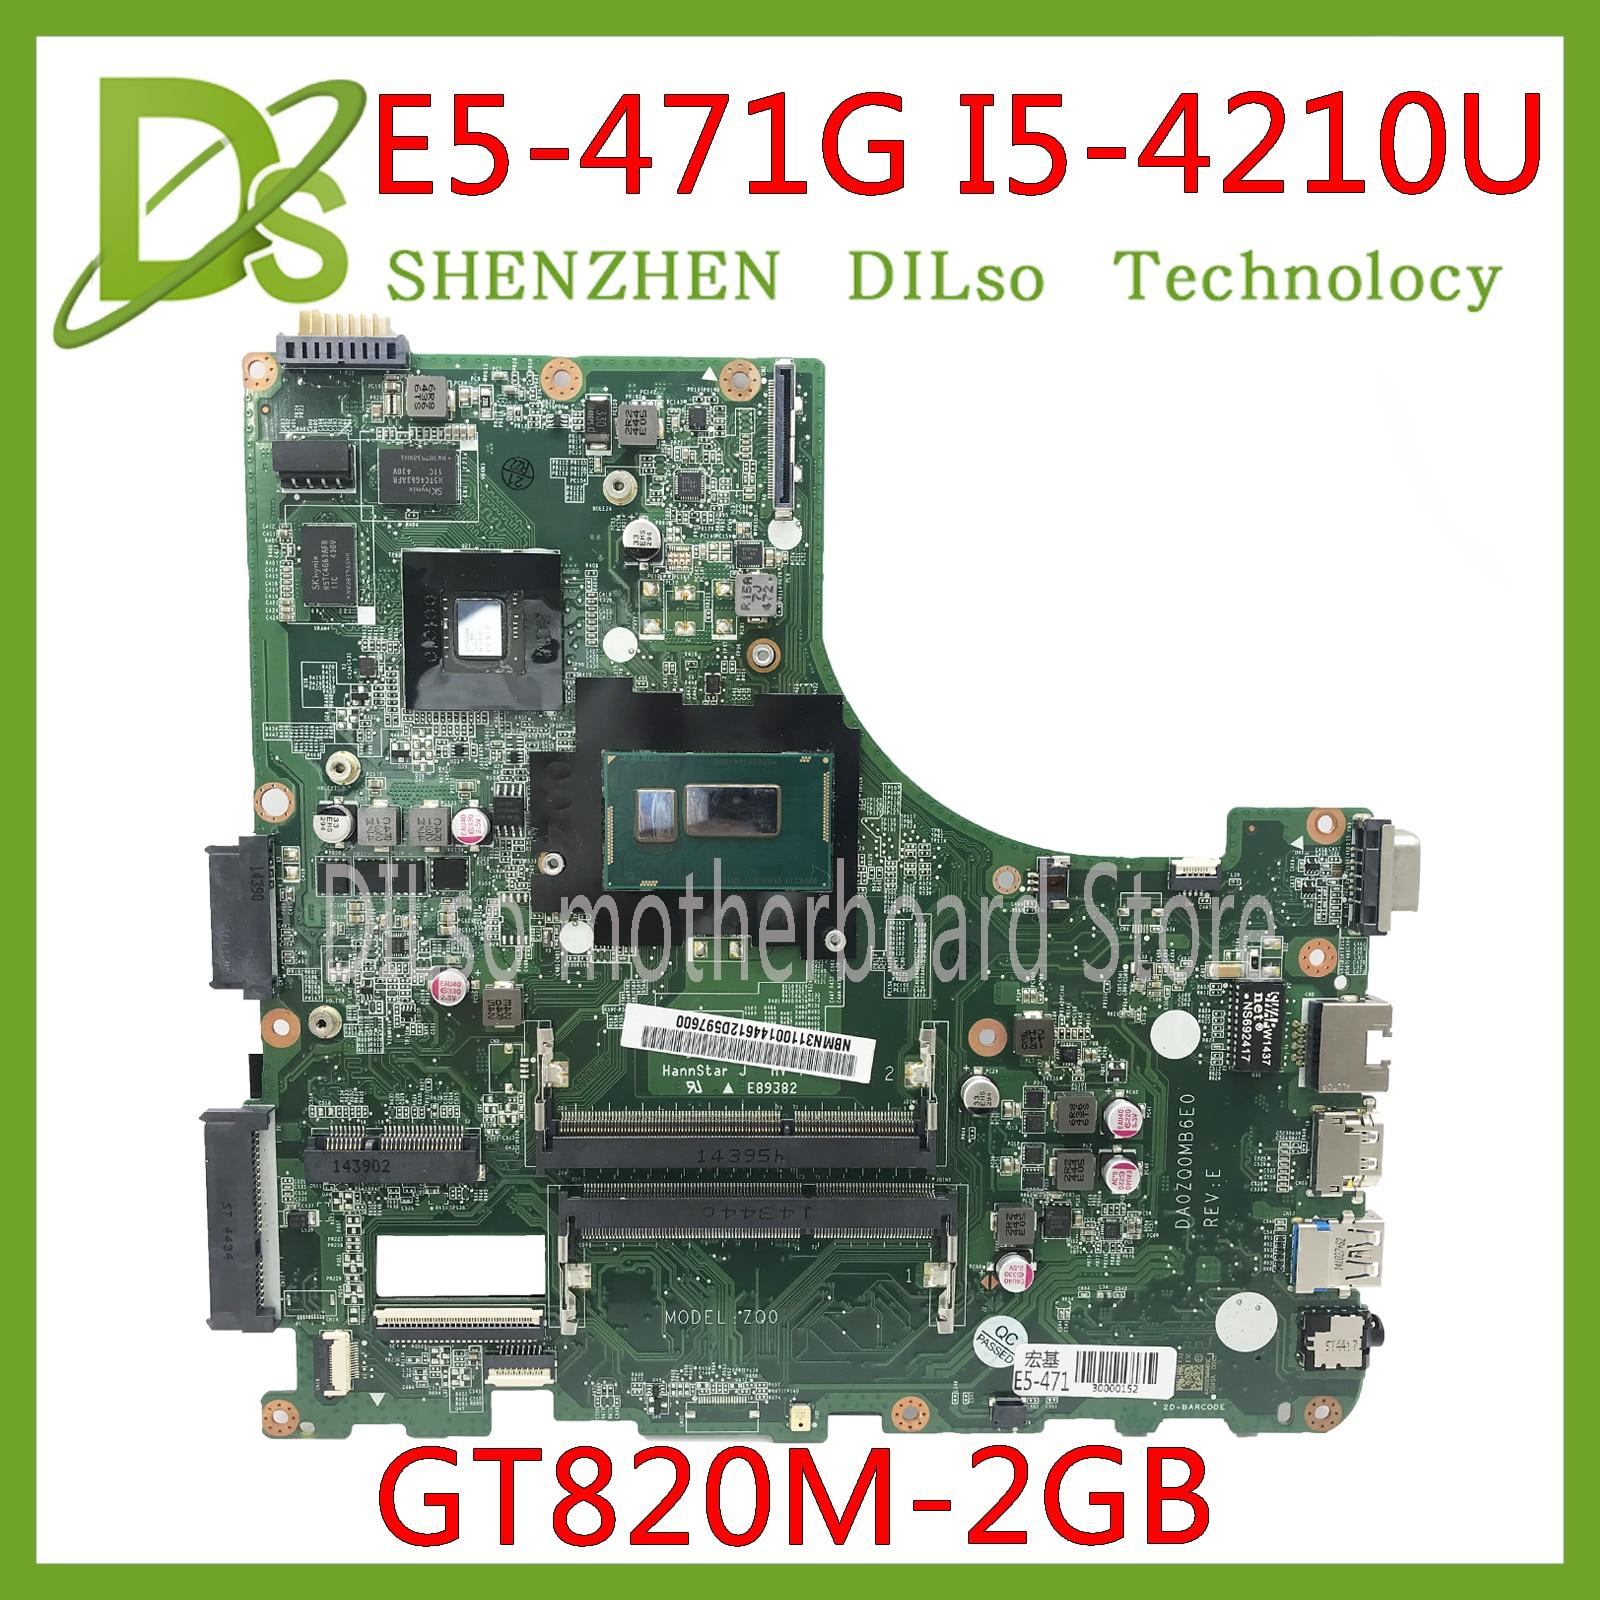 KEFU DA0ZQ0MB6E0 for Acer aspire E5 471 E5 471G V3 472P Laptop motherboard I5 4210U CPU with GT820M GPU original mainboard